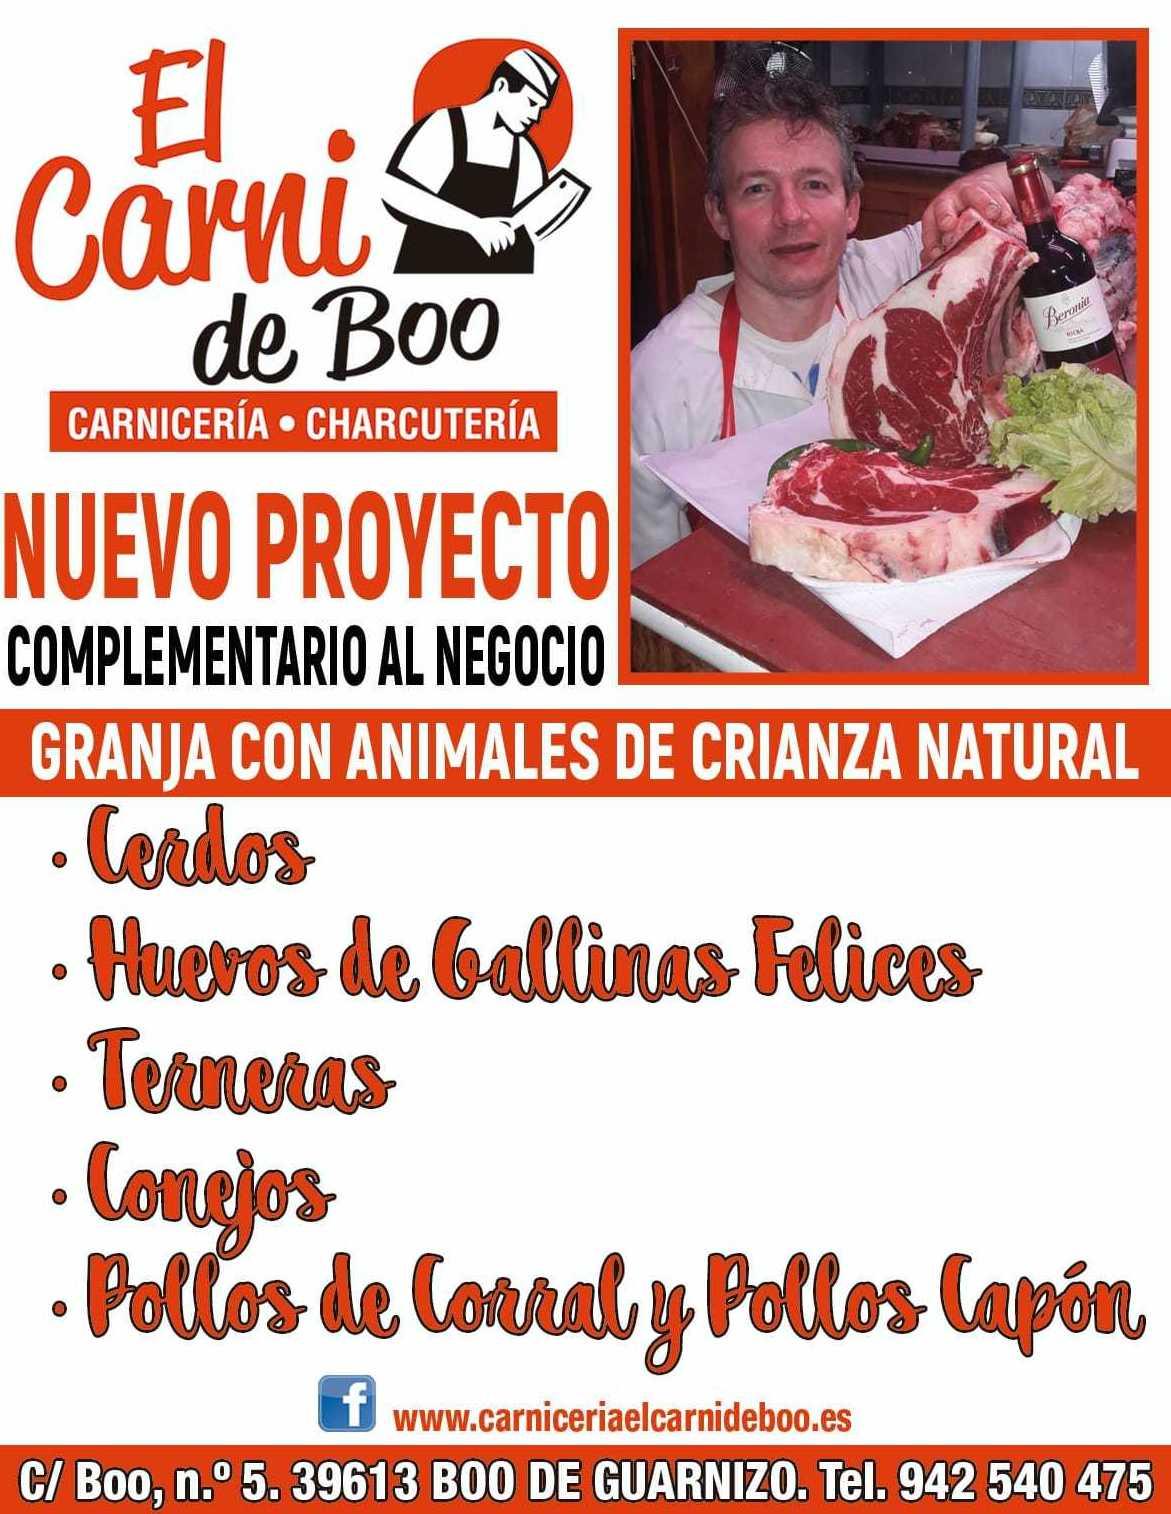 Granja con animales de crianza natural: Productos de El Carni De Boo Carnicería-Charcutería